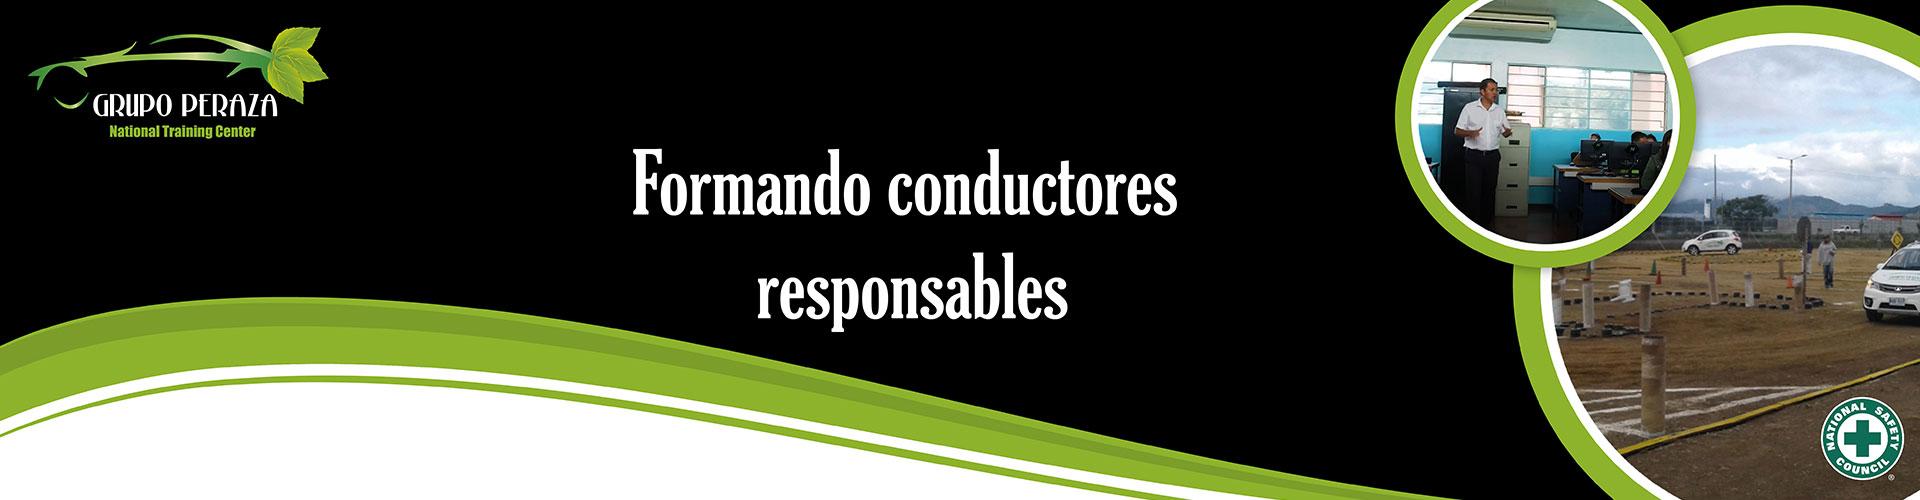 Formando Conductores Responsables